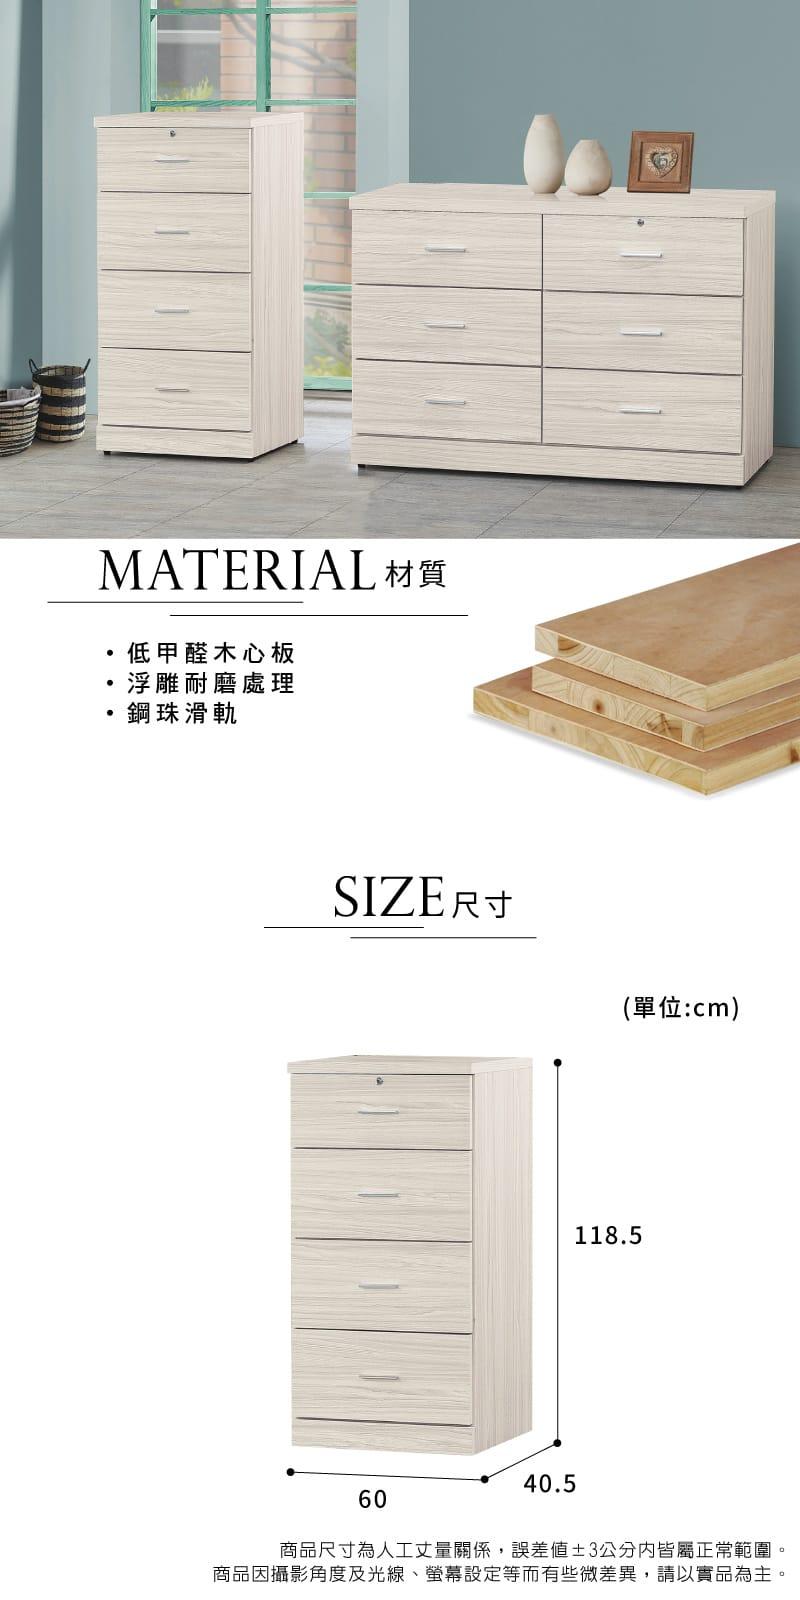 白梣木收納置物四斗櫃 寬60cm